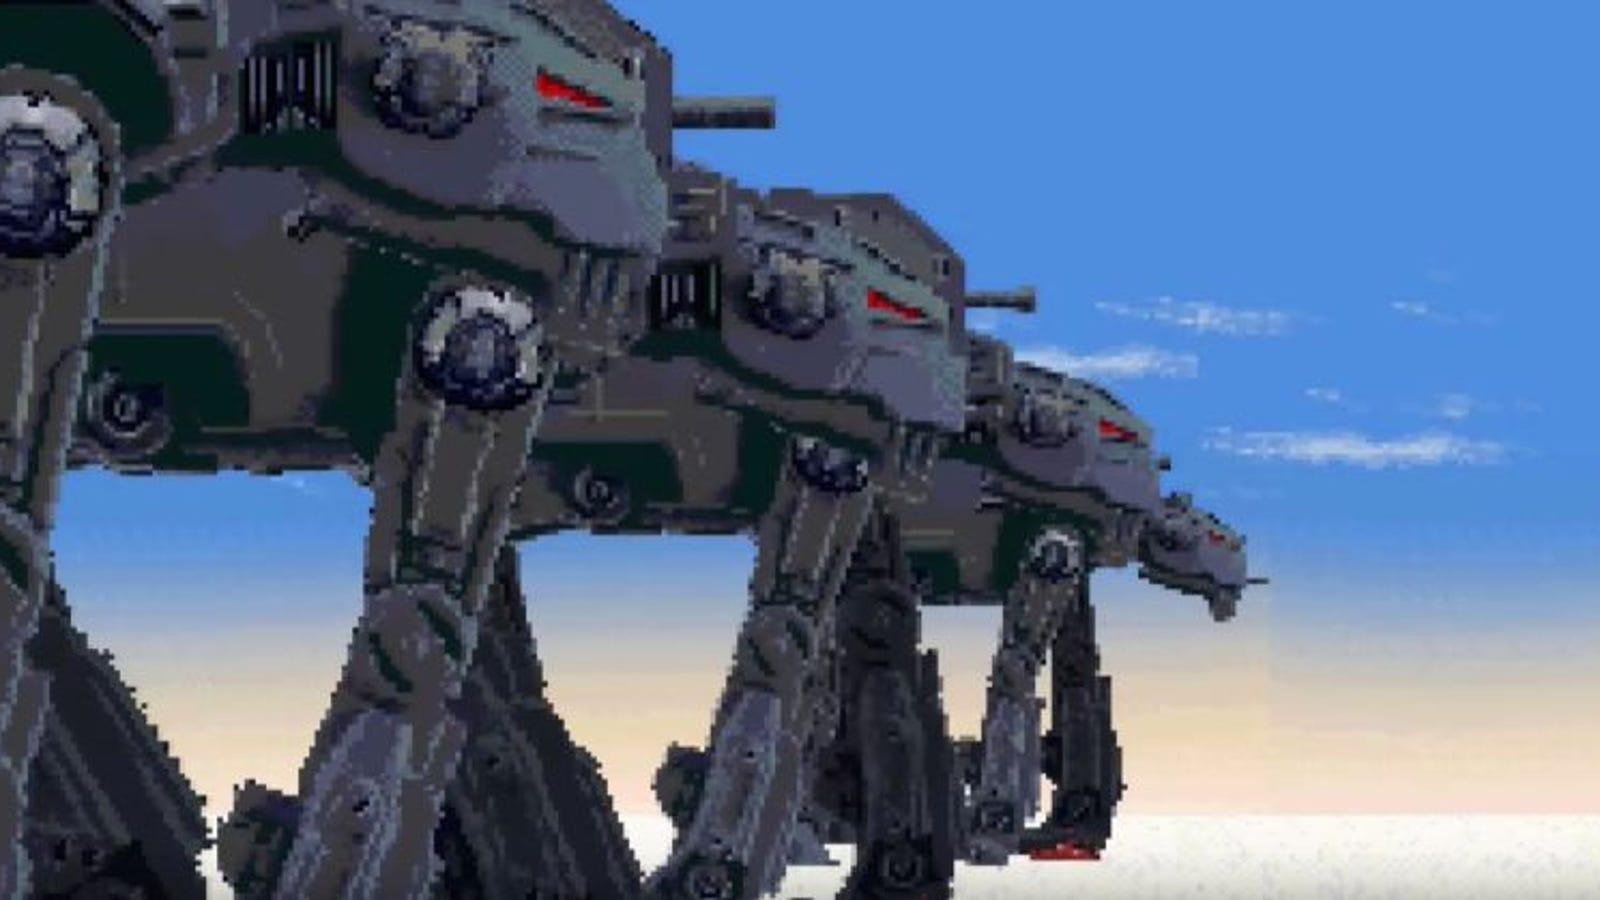 El final de Star Wars: The Last Jedi recreado en 16 bits es absolutamente perfecto